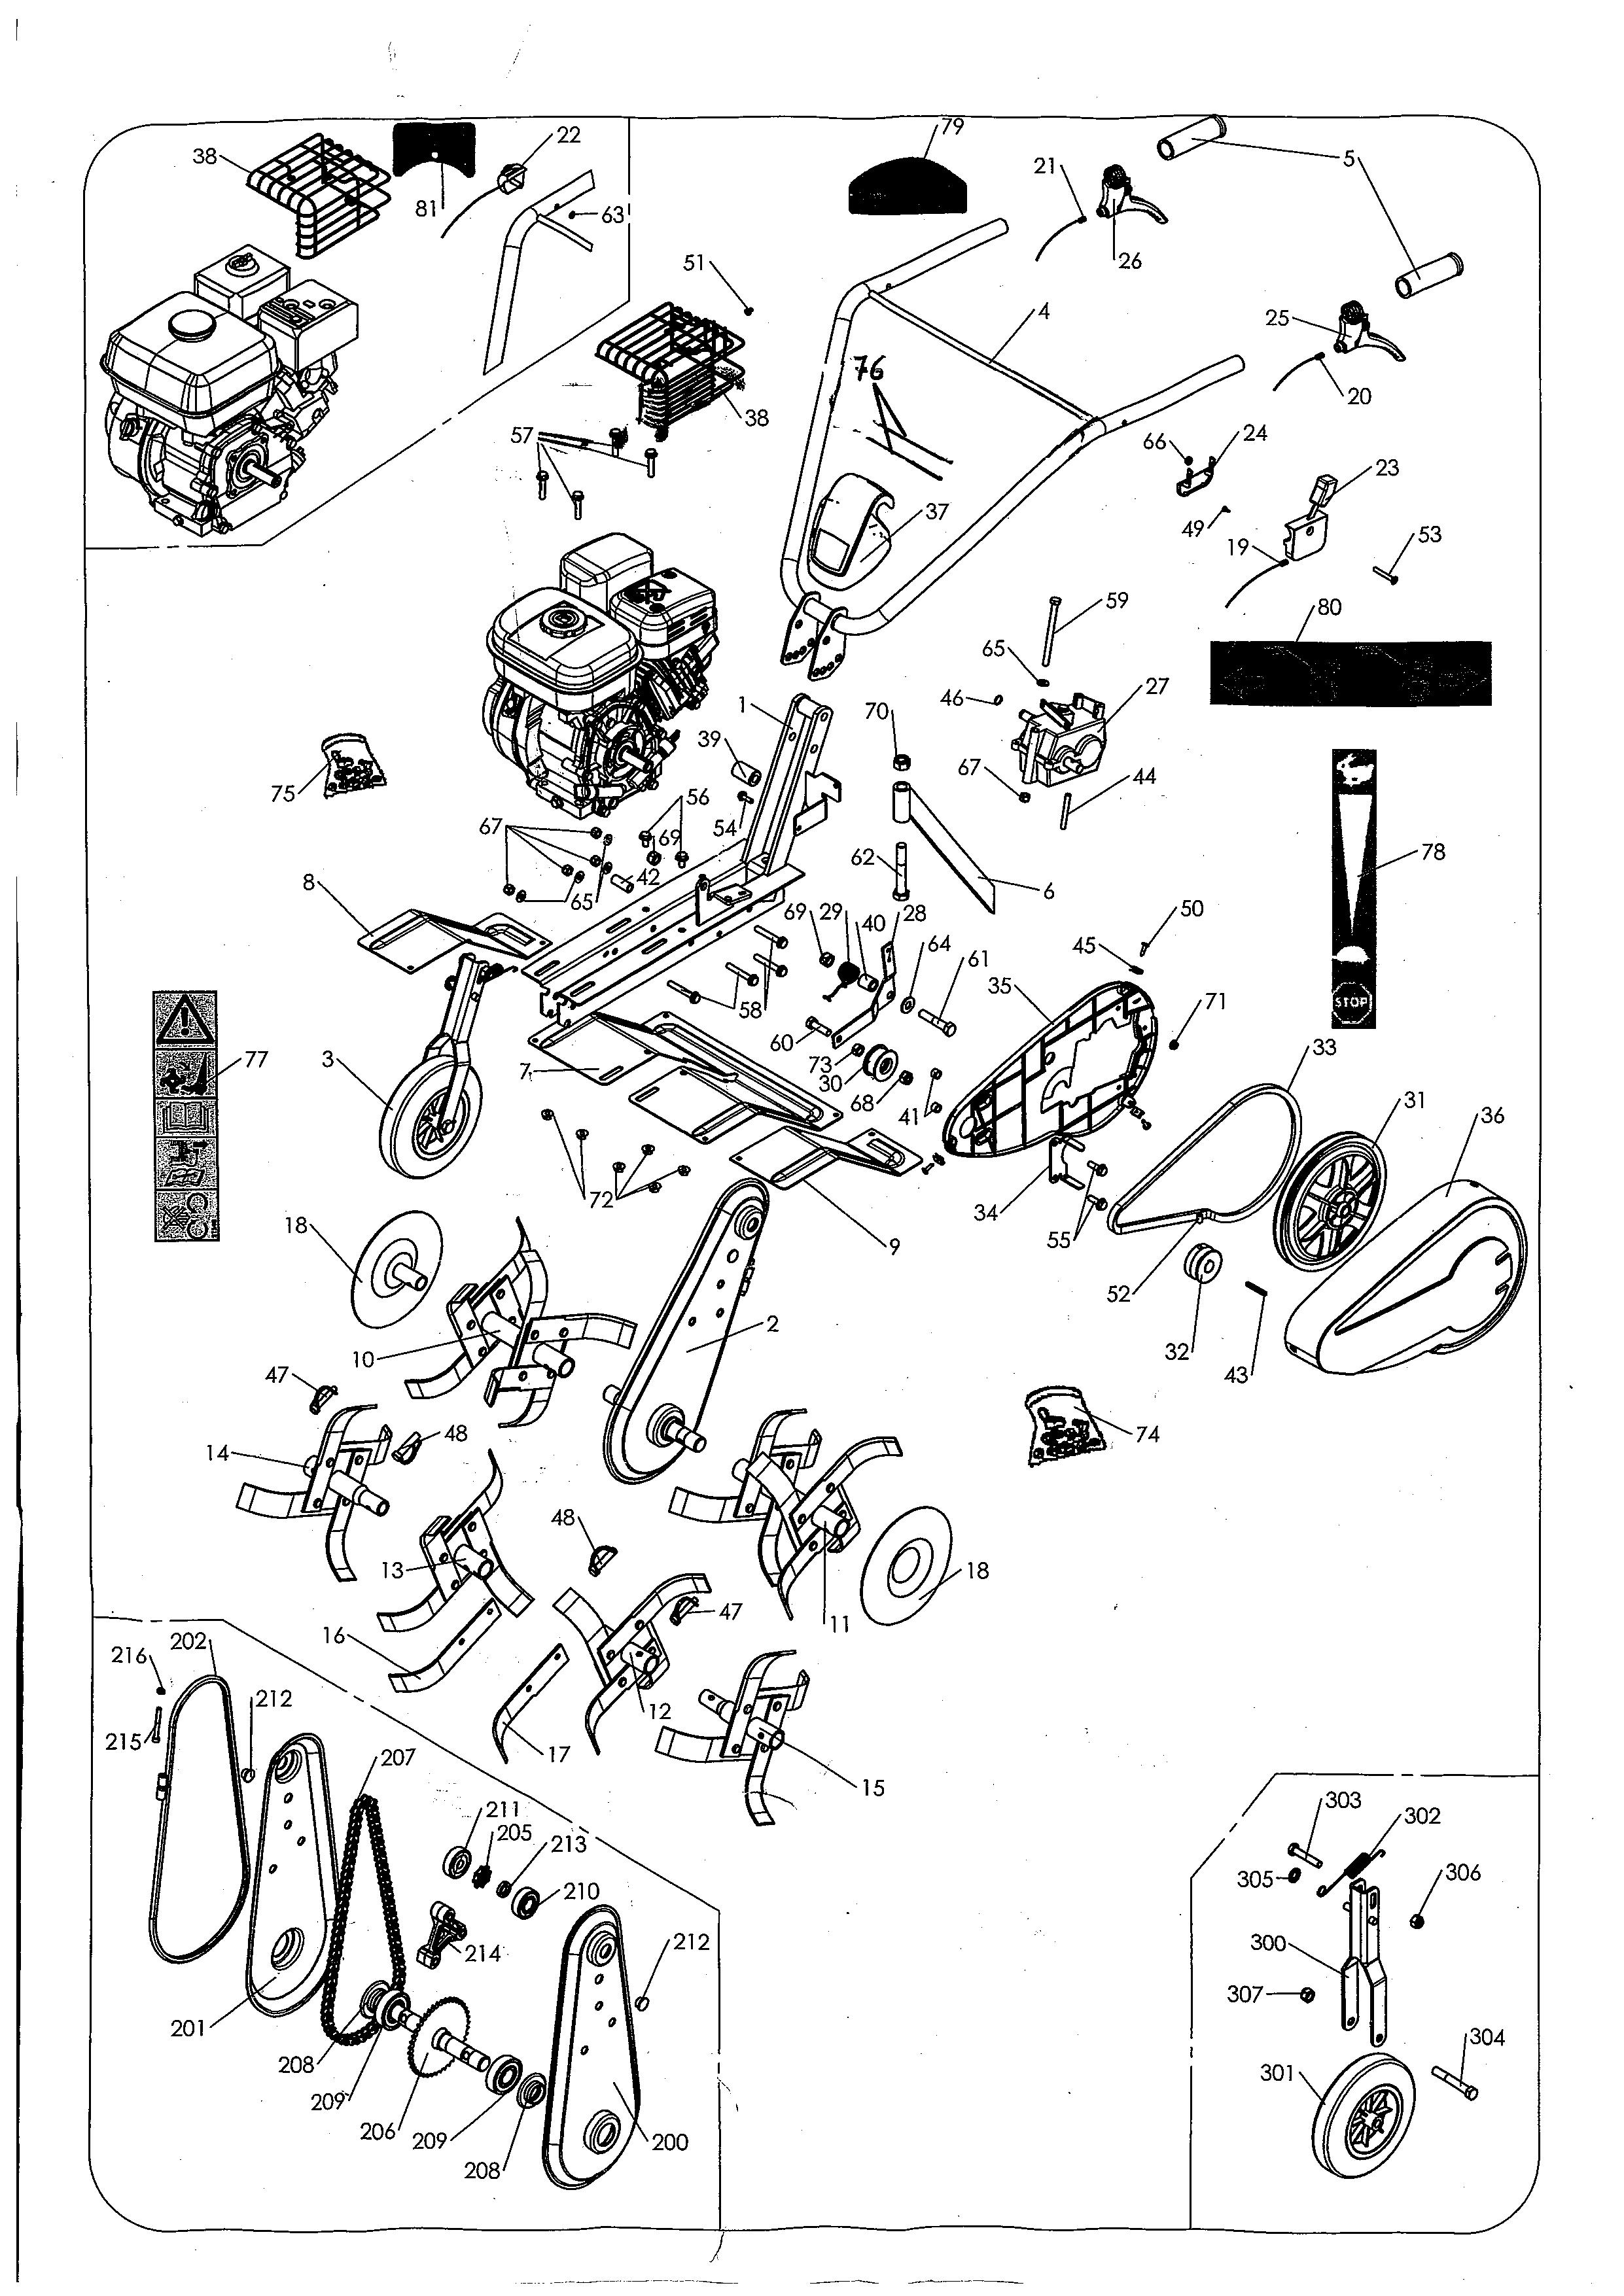 MH 4 PRO NM Motobineuse OLEOMAC Dessins pièces - Vue éclatée